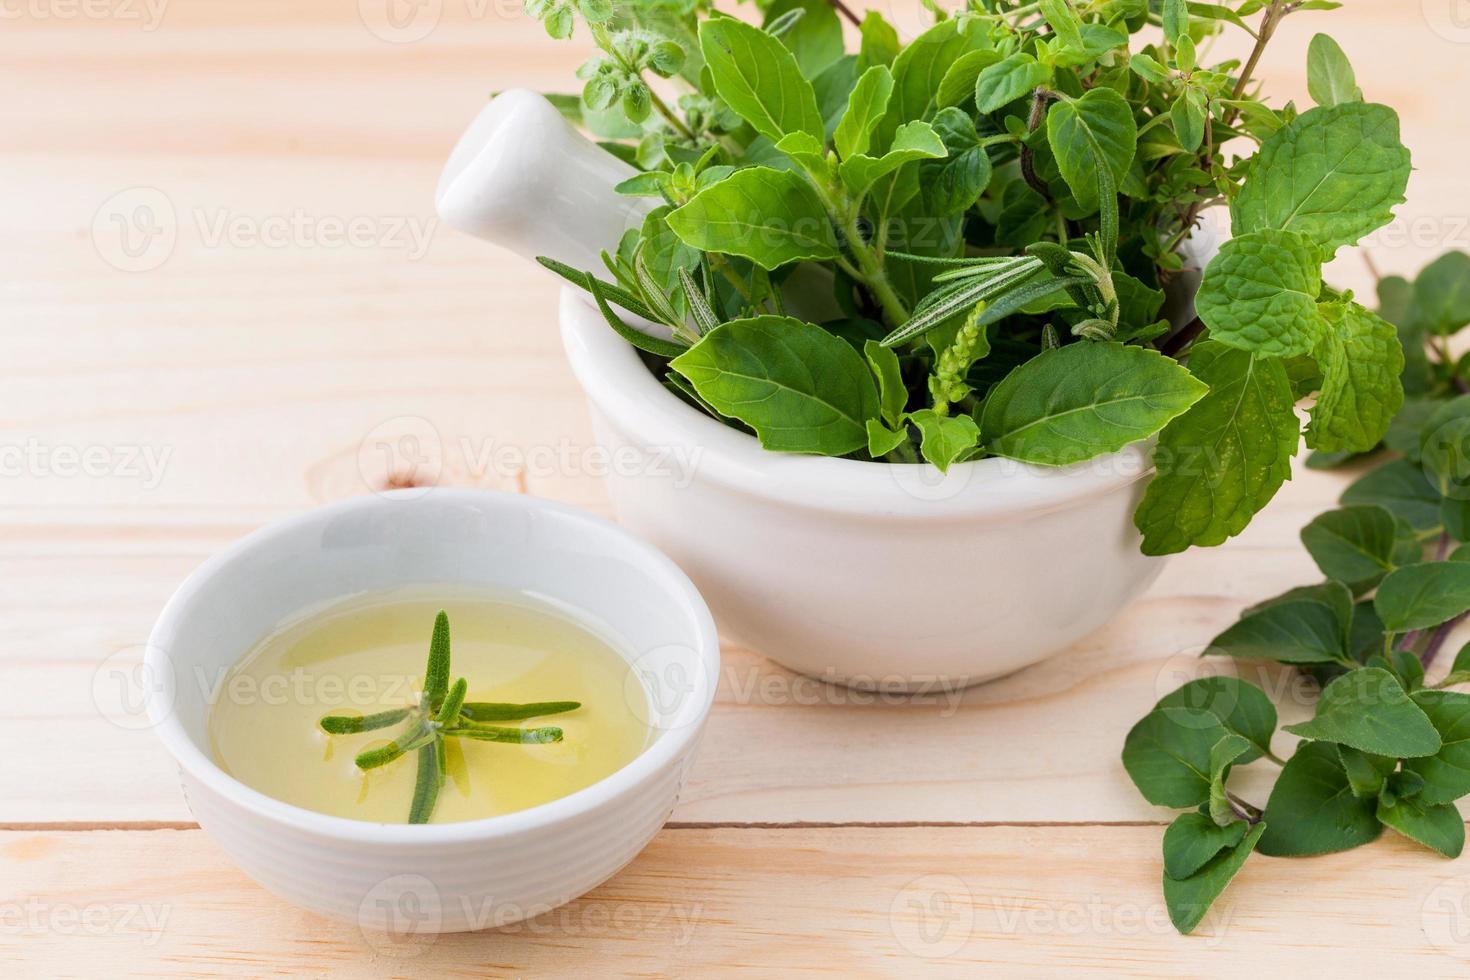 cuidado de la salud alternativa a base de hierbas frescas en mortero blanco foto